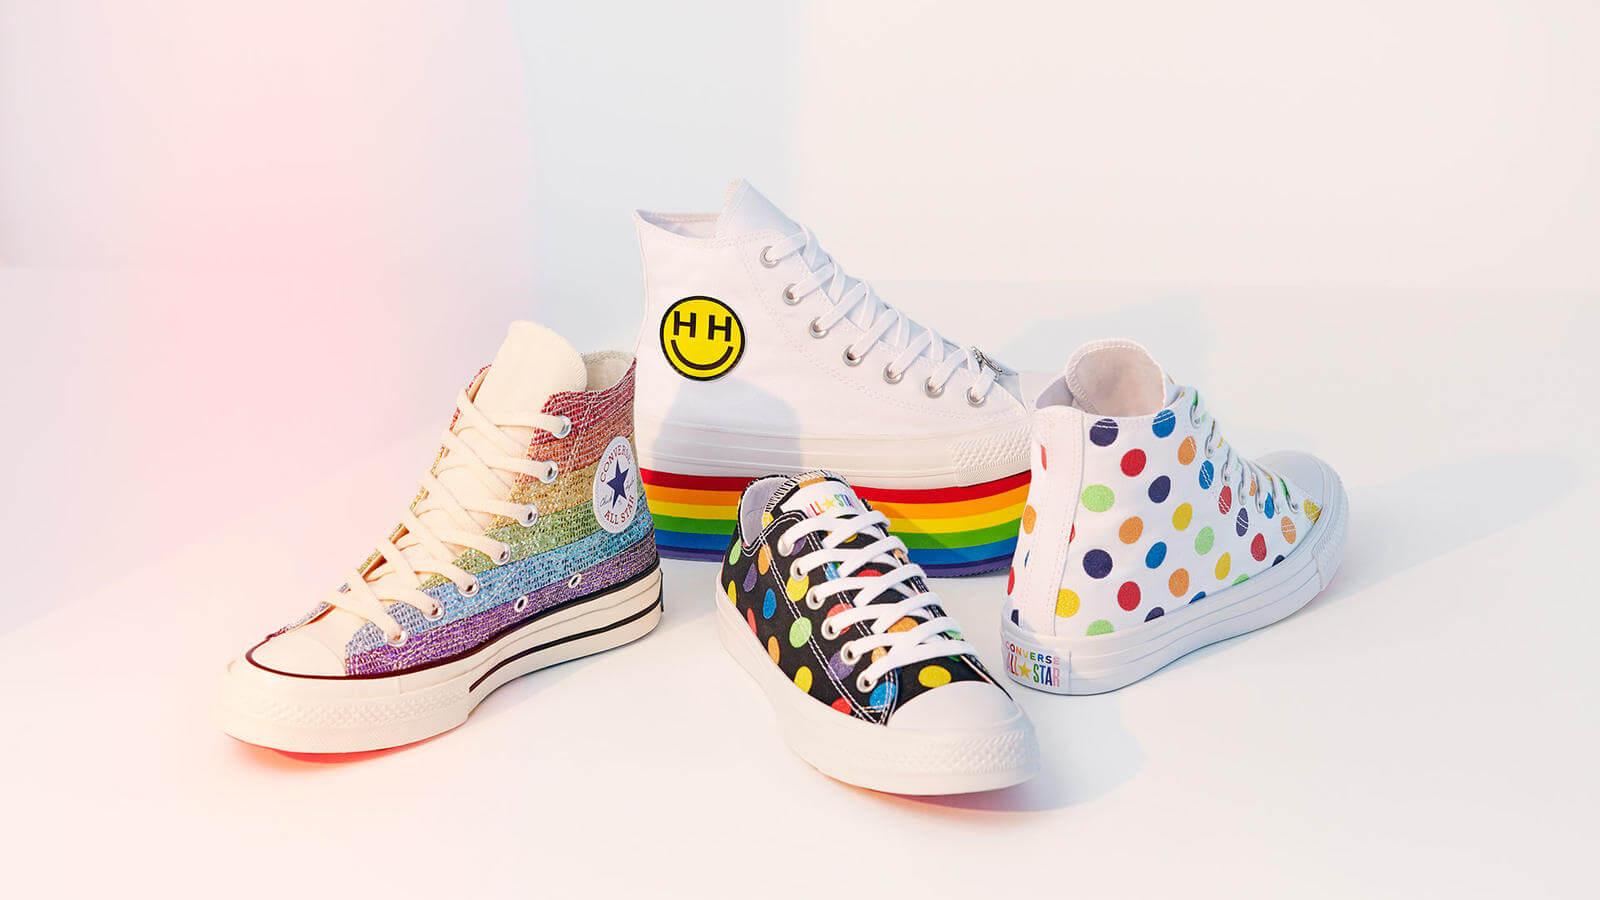 Converse x Pride 2018: La colorida colección de Miley Cyrus que celebra el #PrideMonth con glitter